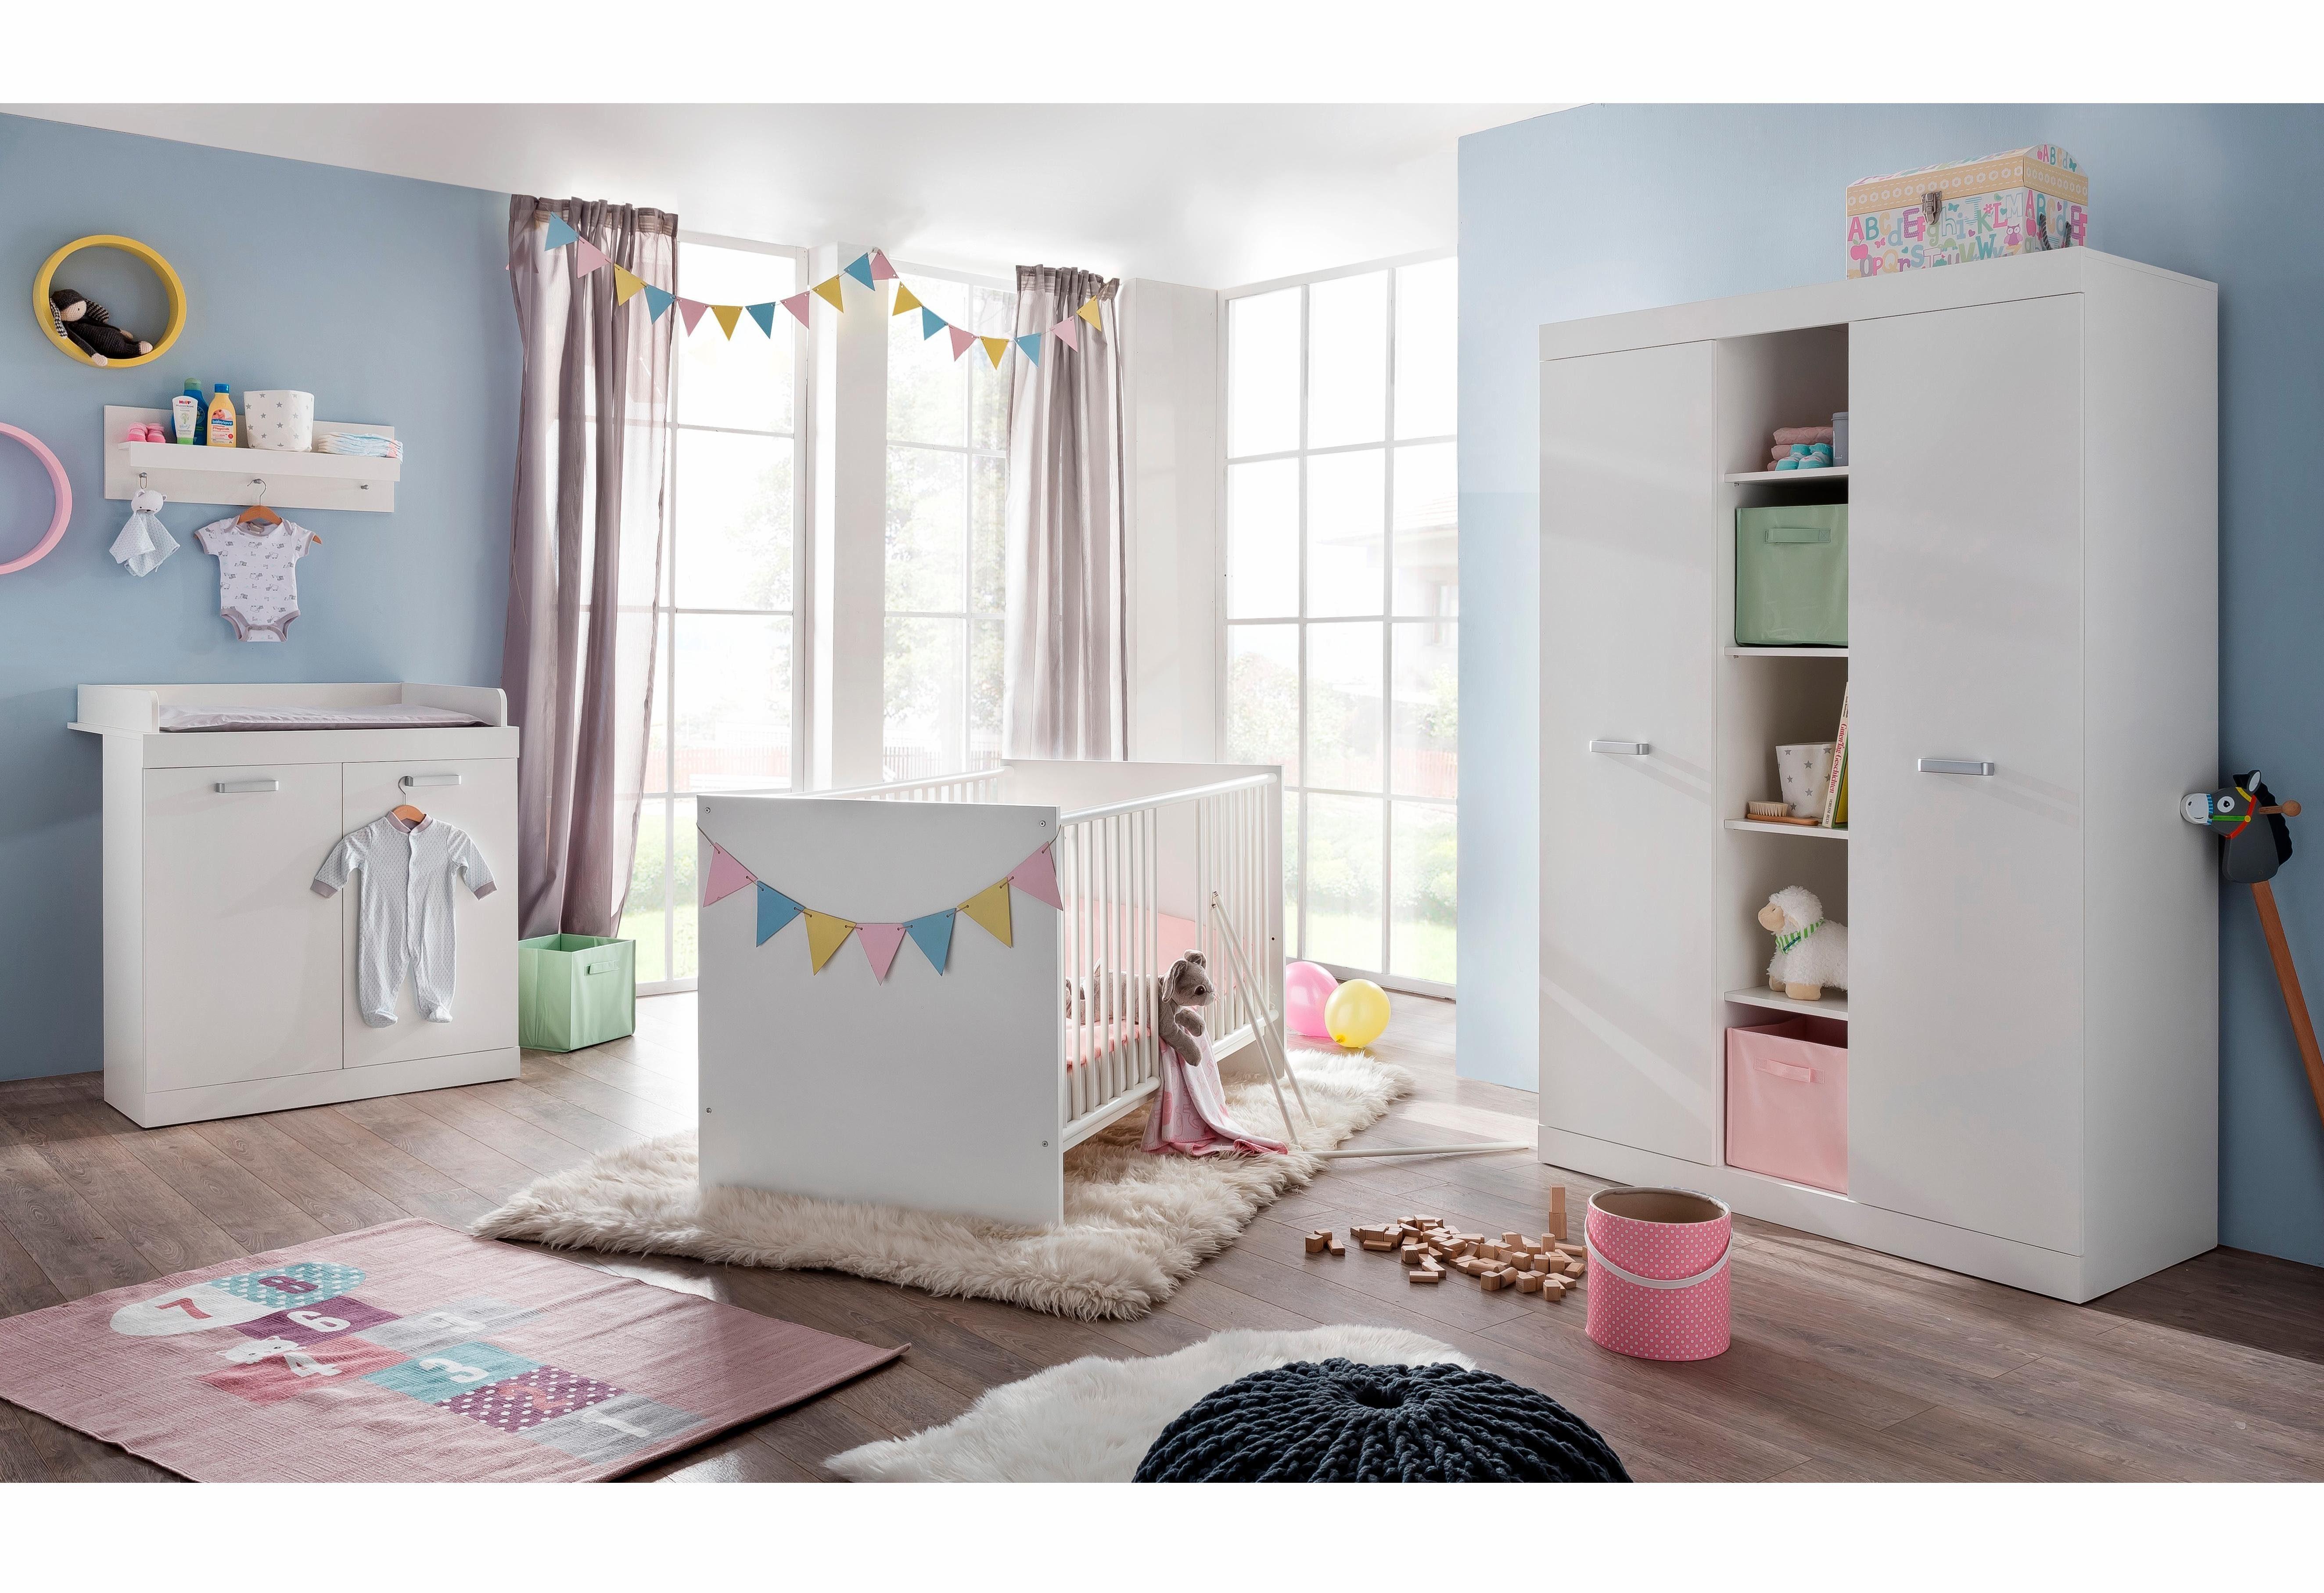 Komplettzimmer »Amsterdam« Babybett + Wickelkommode + großer Kleiderschrank, (3-tlg.) in weiß